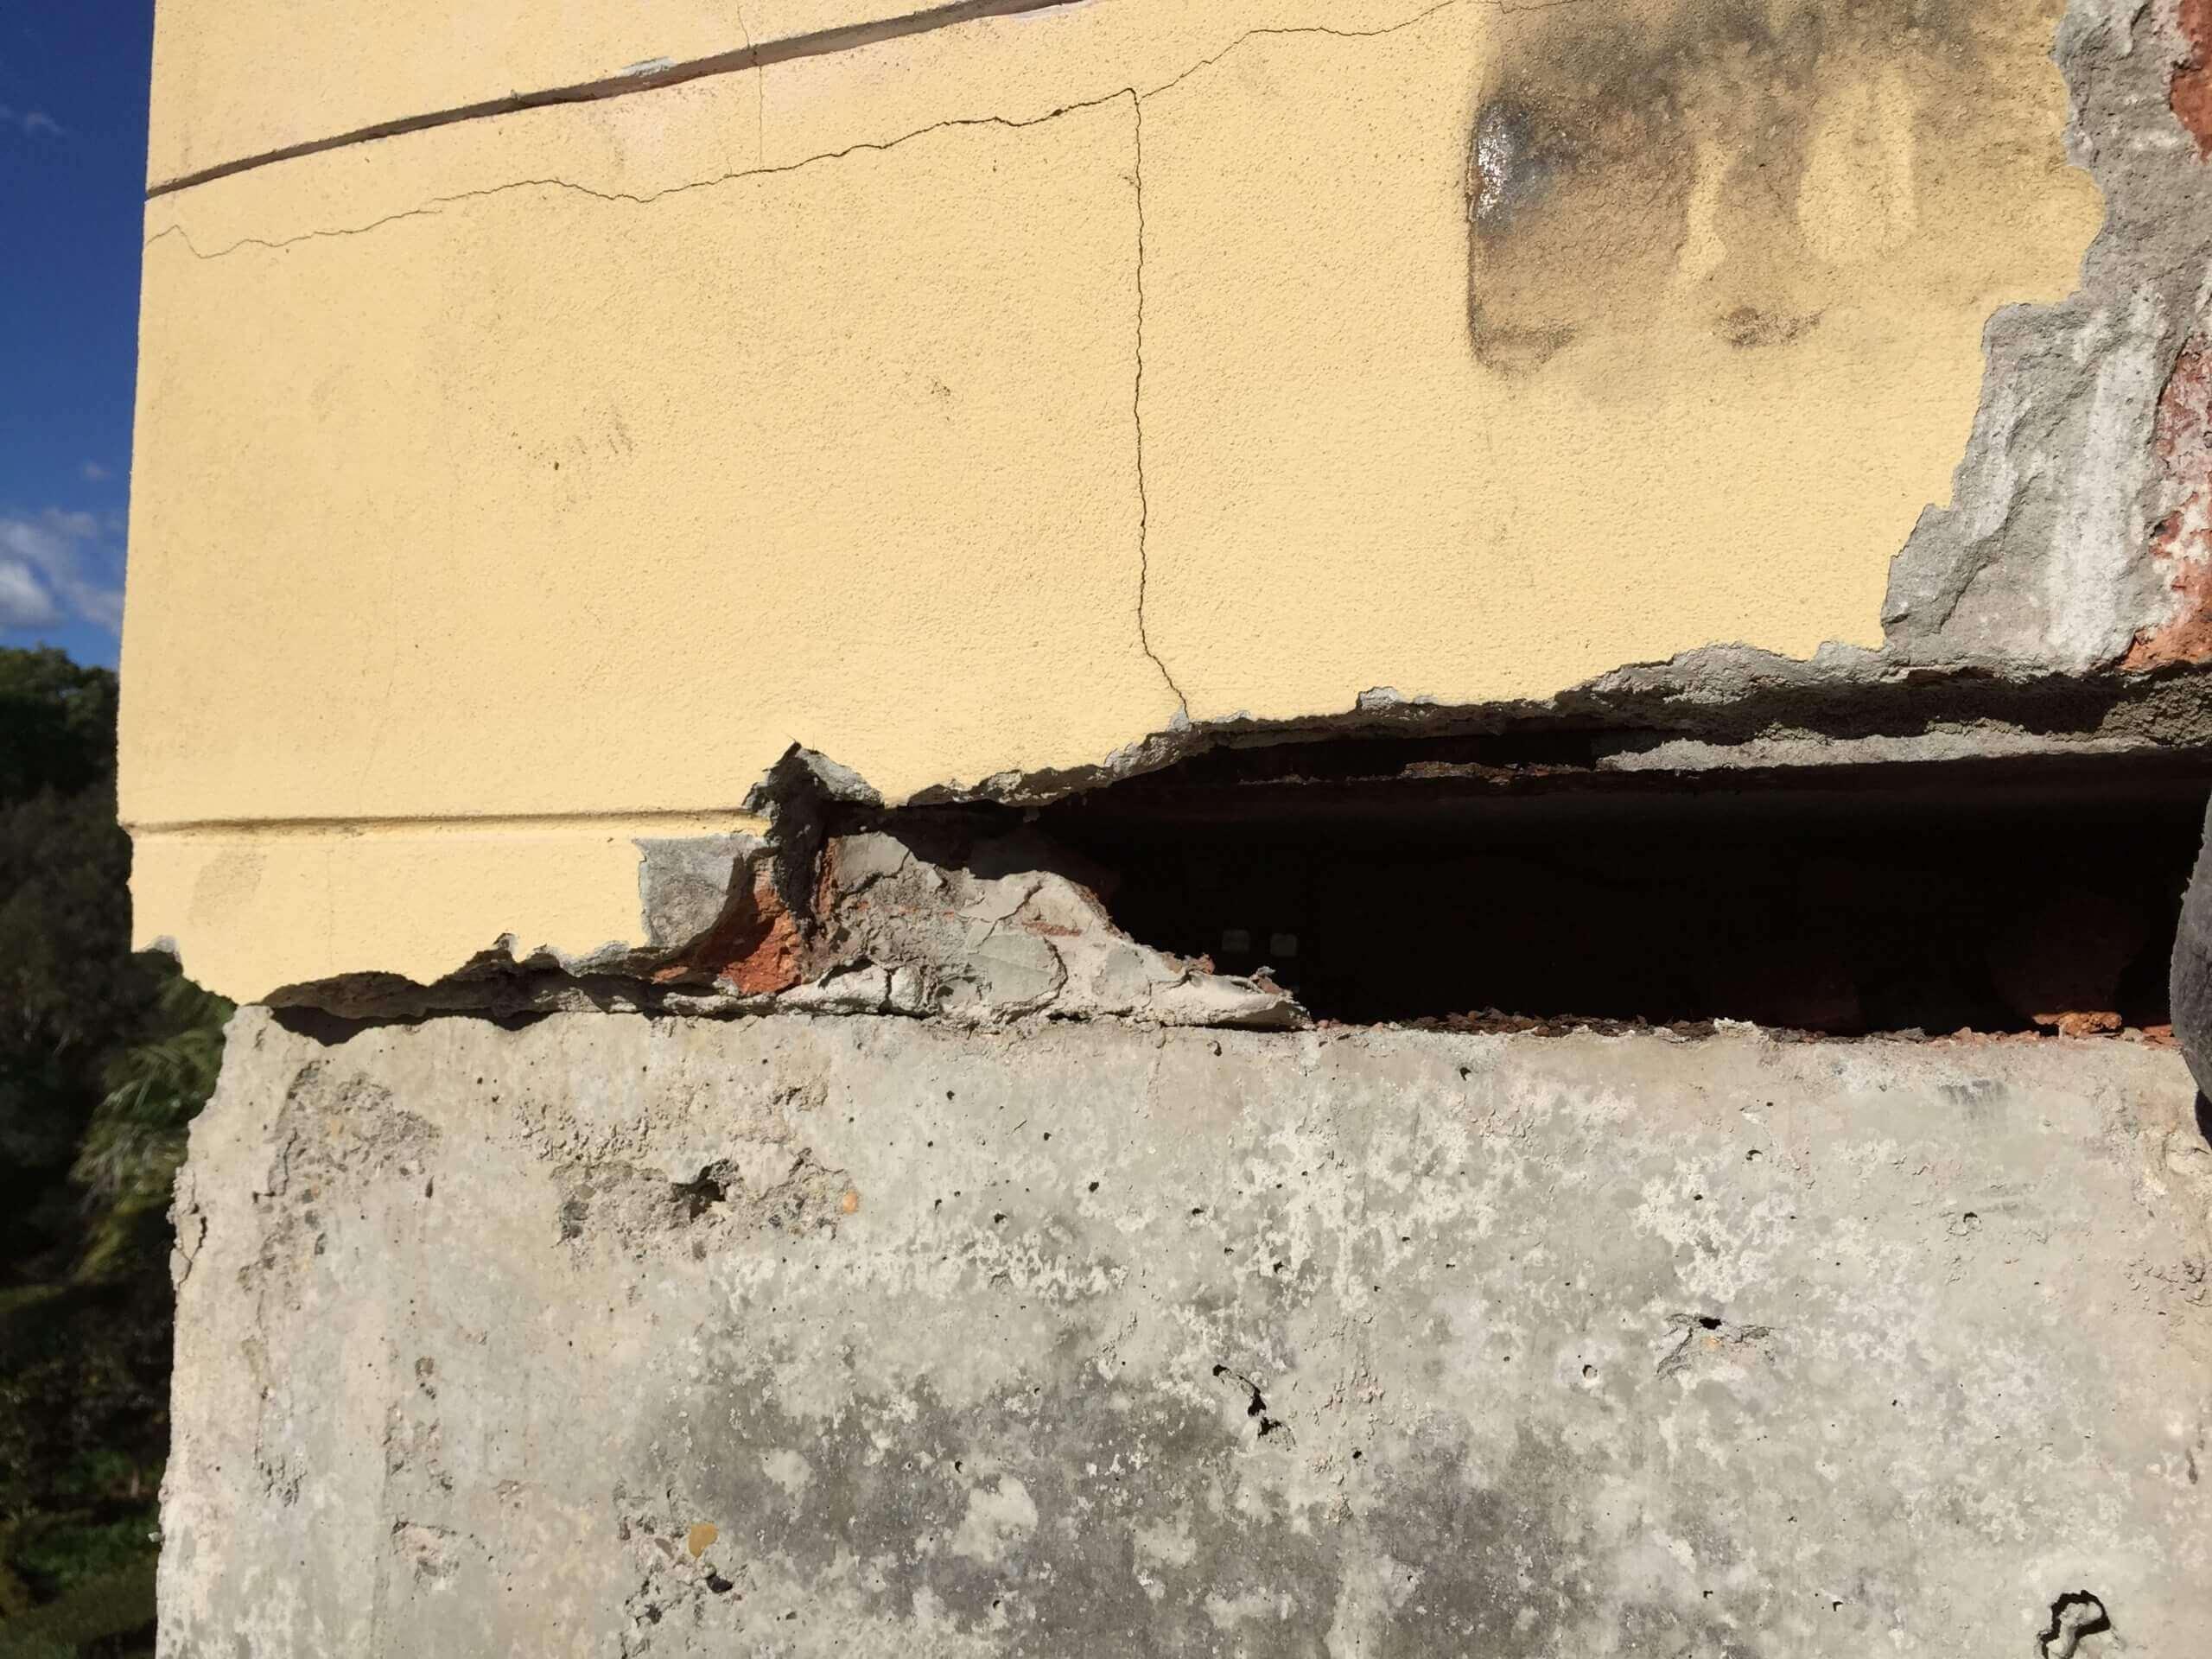 Concrete Needs Repair - Concrete Spalling - Remedial Building Services